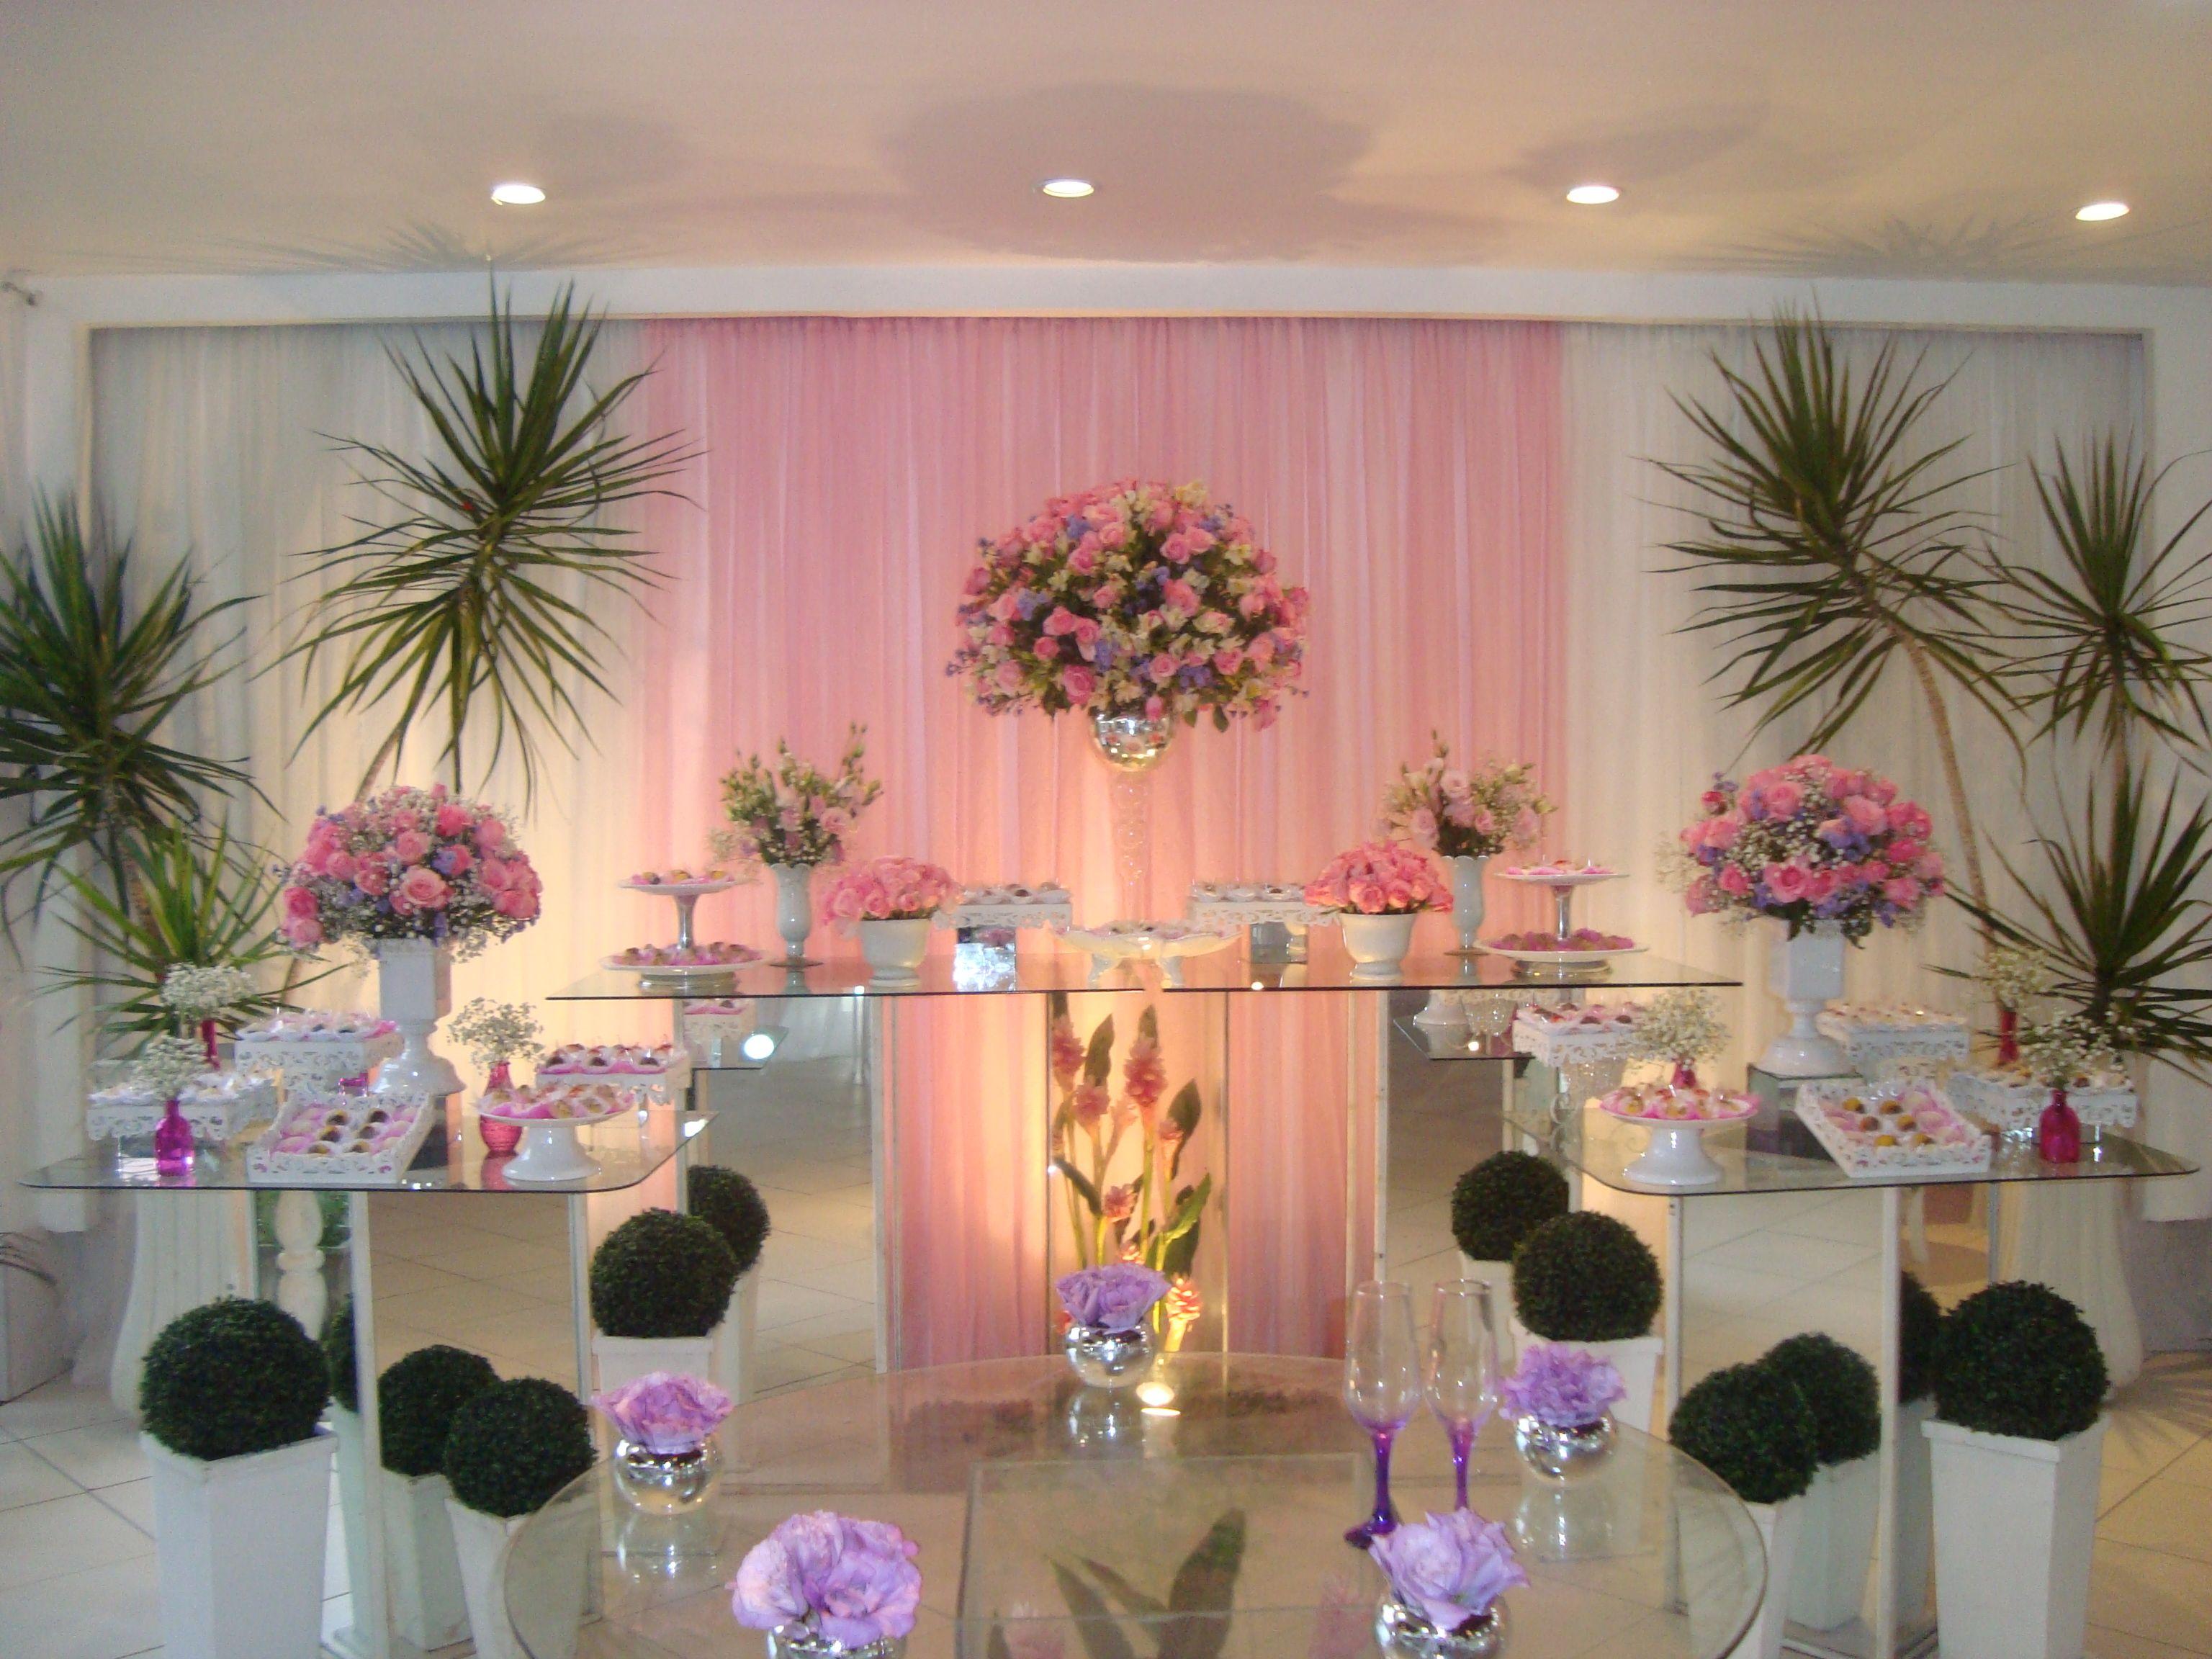 Decora??o de casamento rosa e branco. Em alta no ramo de decora??o ...